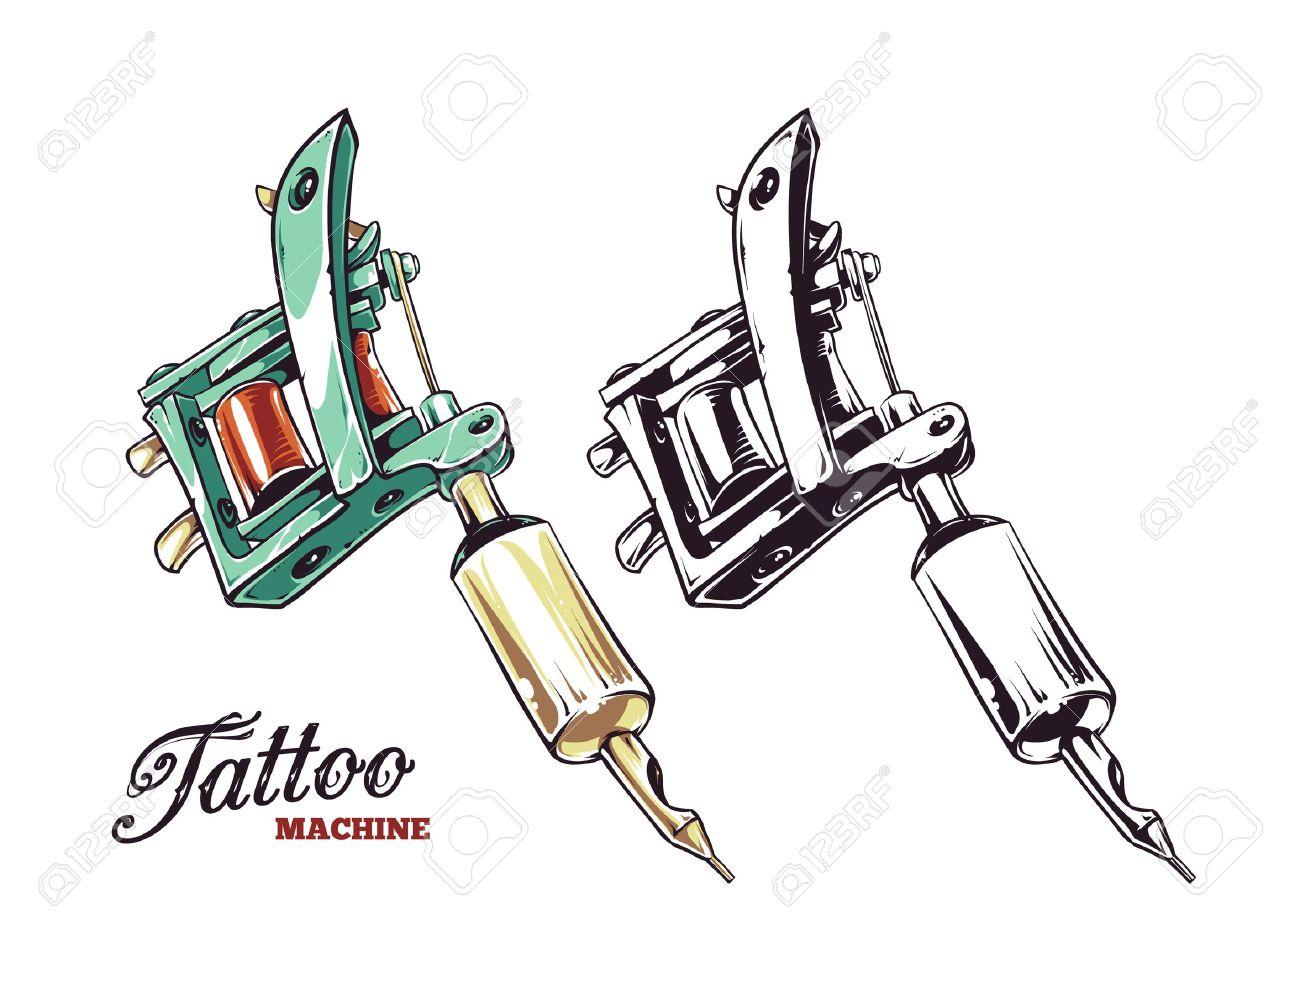 Tattoo-Maschine-Wand-Abziehbild-Aufkleber - andere png herunterladen -  700*370 - Kostenlos transparent Schwarz Und Weiß png Herunterladen.